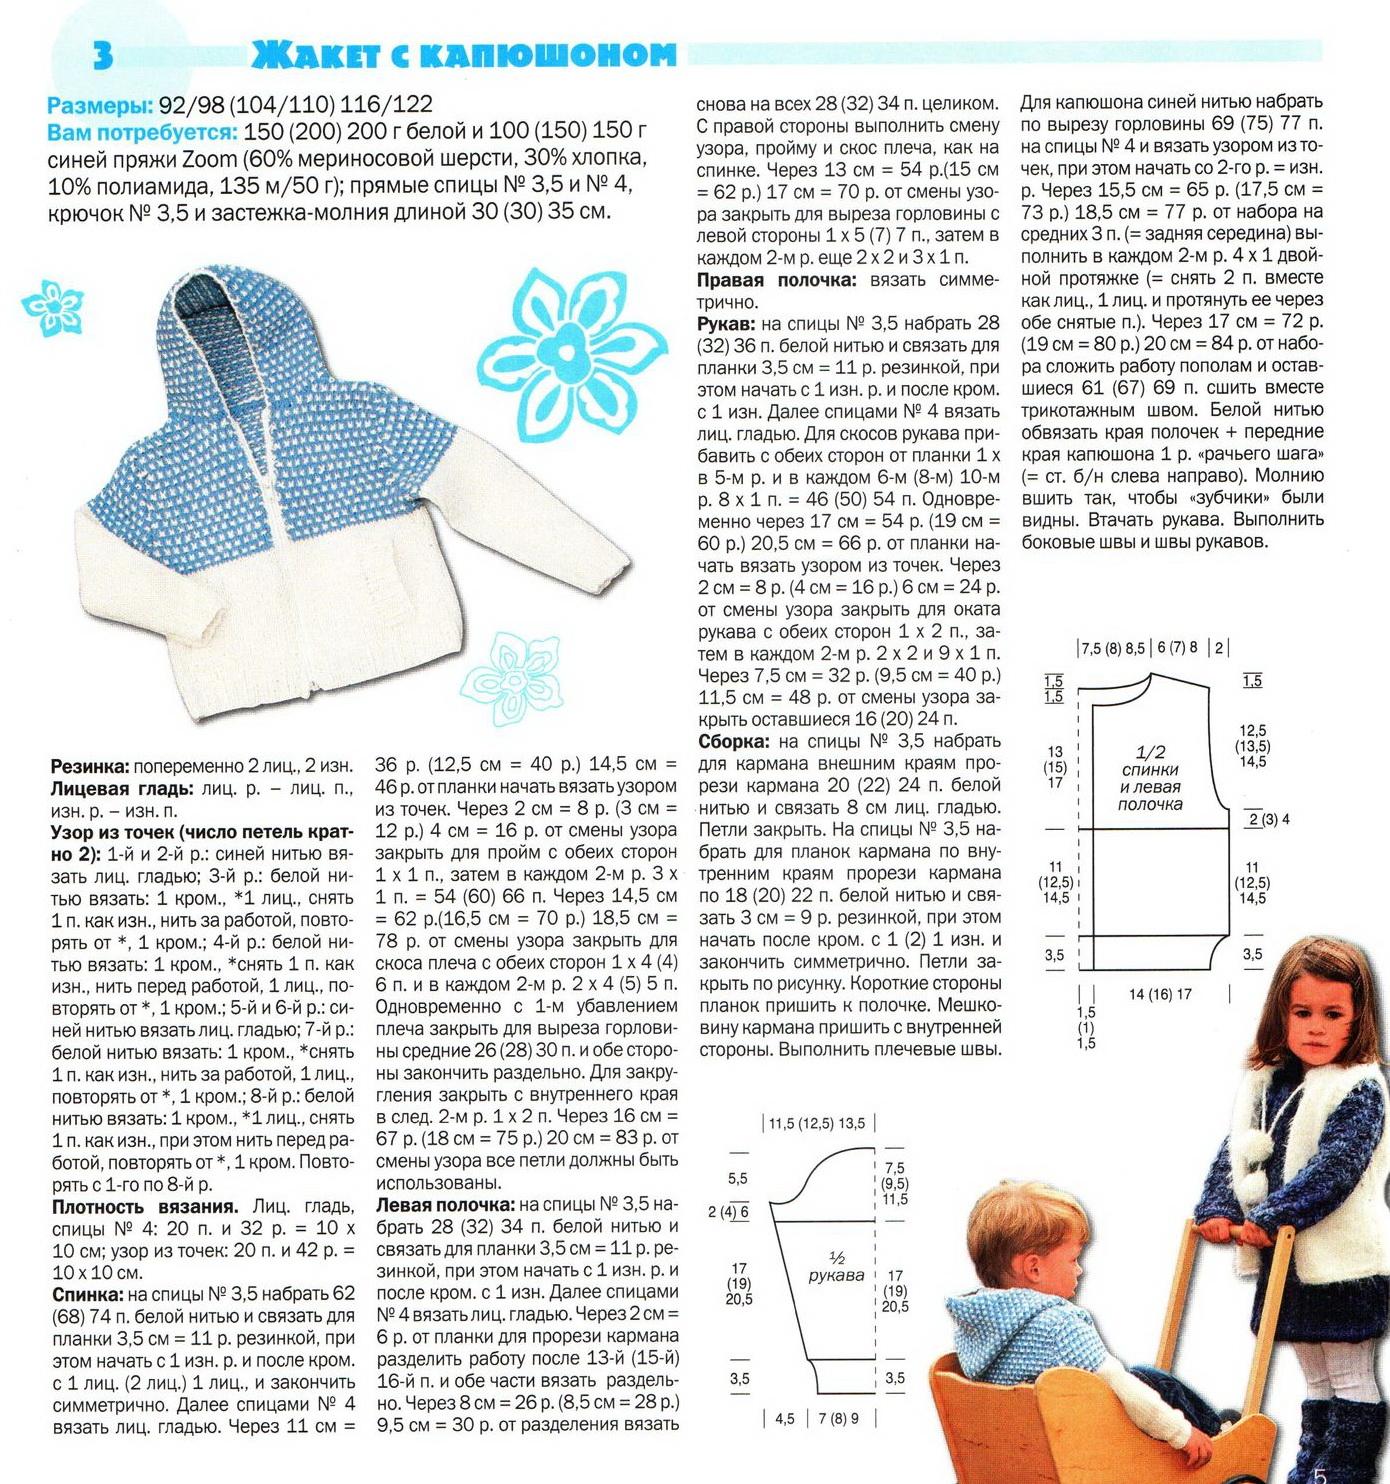 Вязание для детей от 0 до 1 года с описанием спицами фото